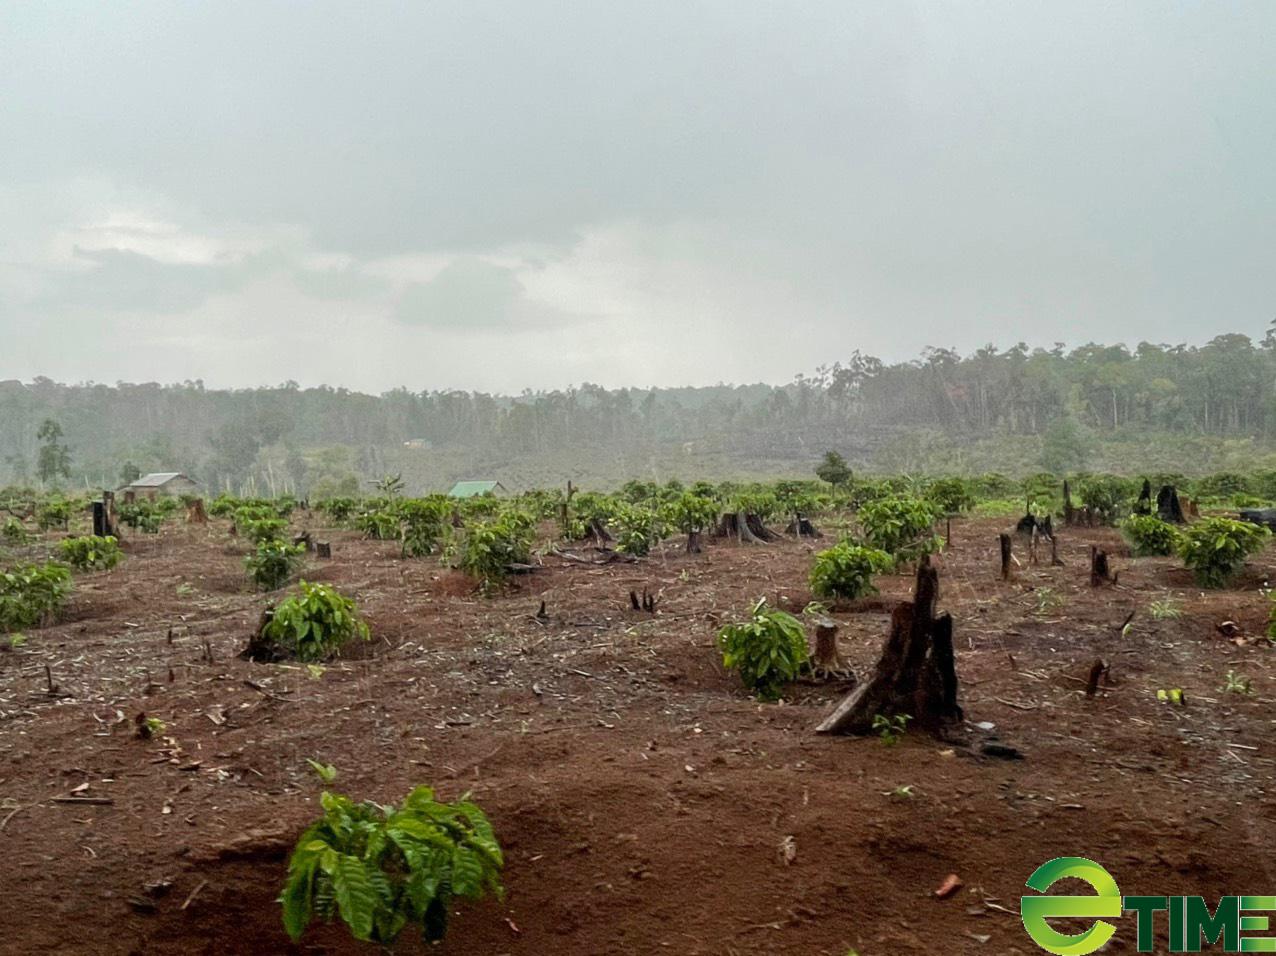 """Đắk Nông: Rừng tự nhiên """"trong trắng, ngoài xanh"""", nhiều doanh nghiệp bị đề nghị thu hồi dự án - Ảnh 2."""